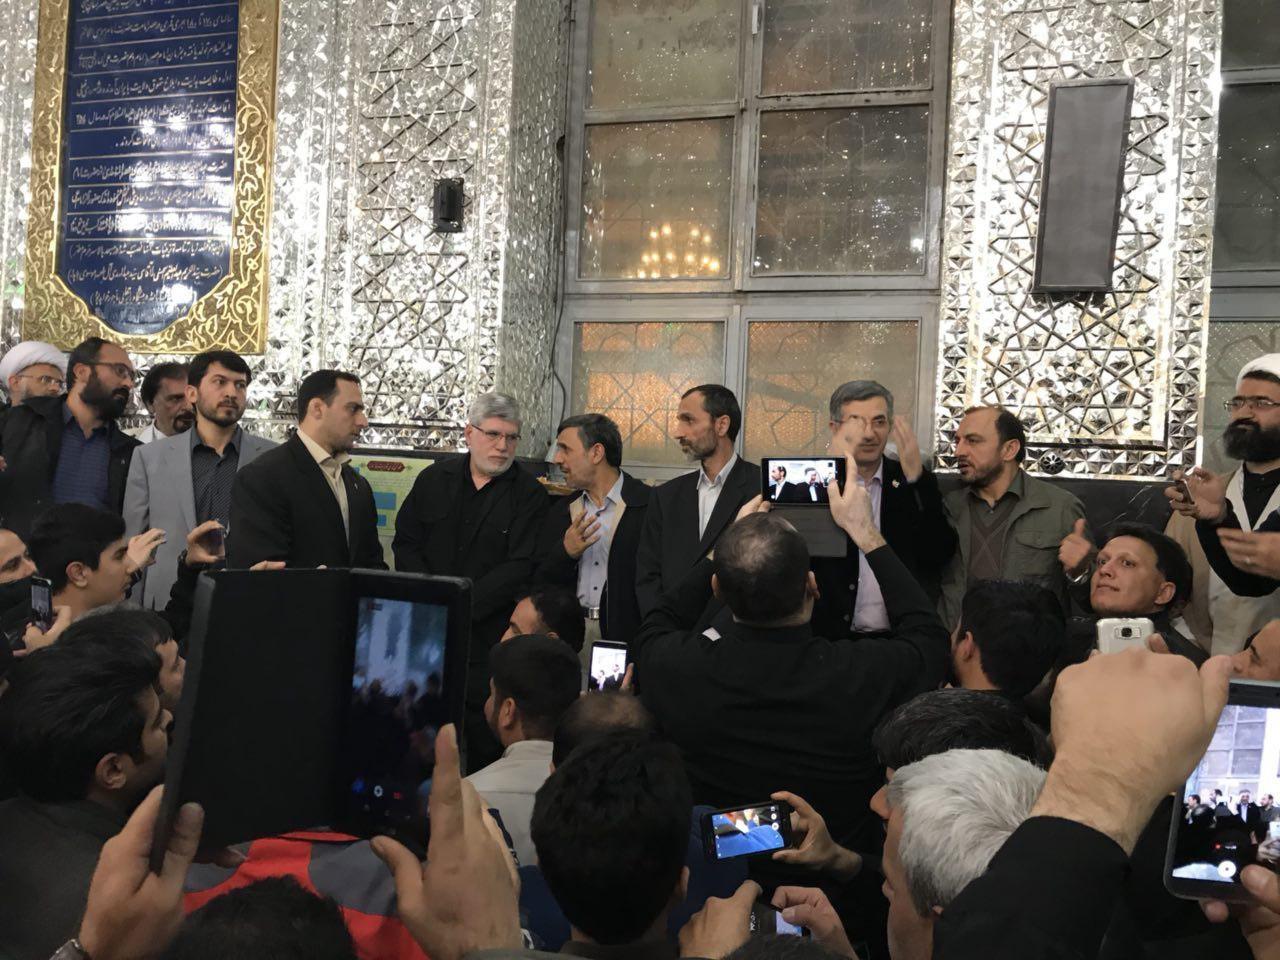 حمله به هوادارن رئیس جمهور سابق, احمدی نژاد درآرامگاه شاه عبدالعظیم